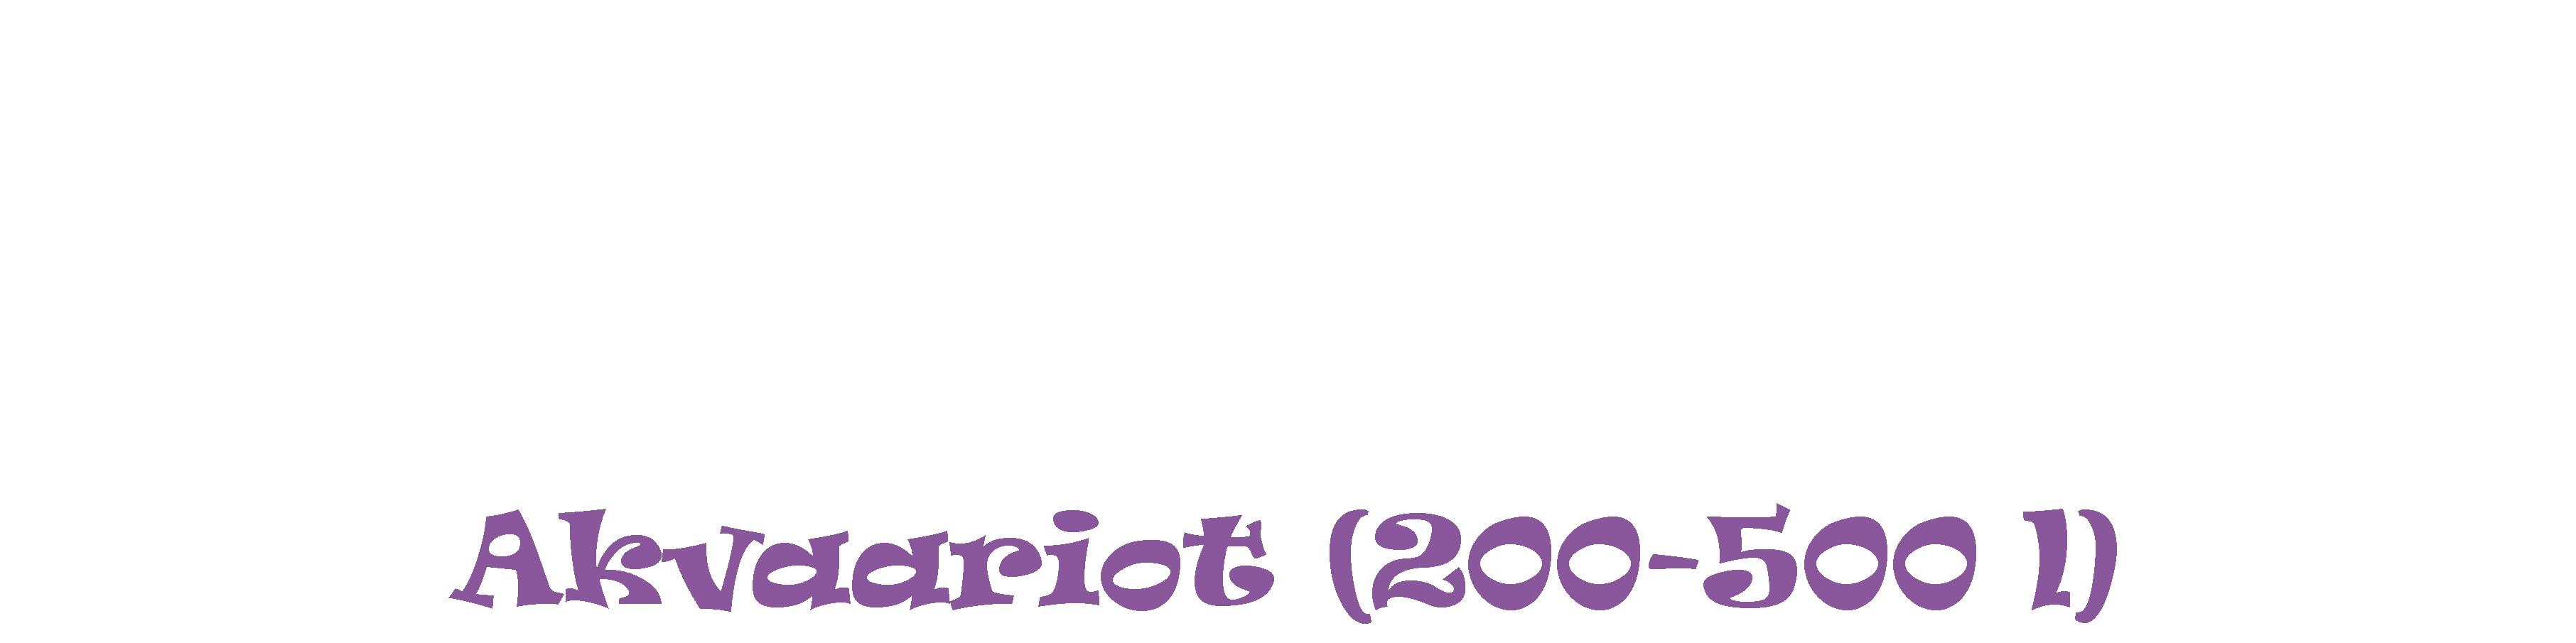 Akvaariot (200-500 l)